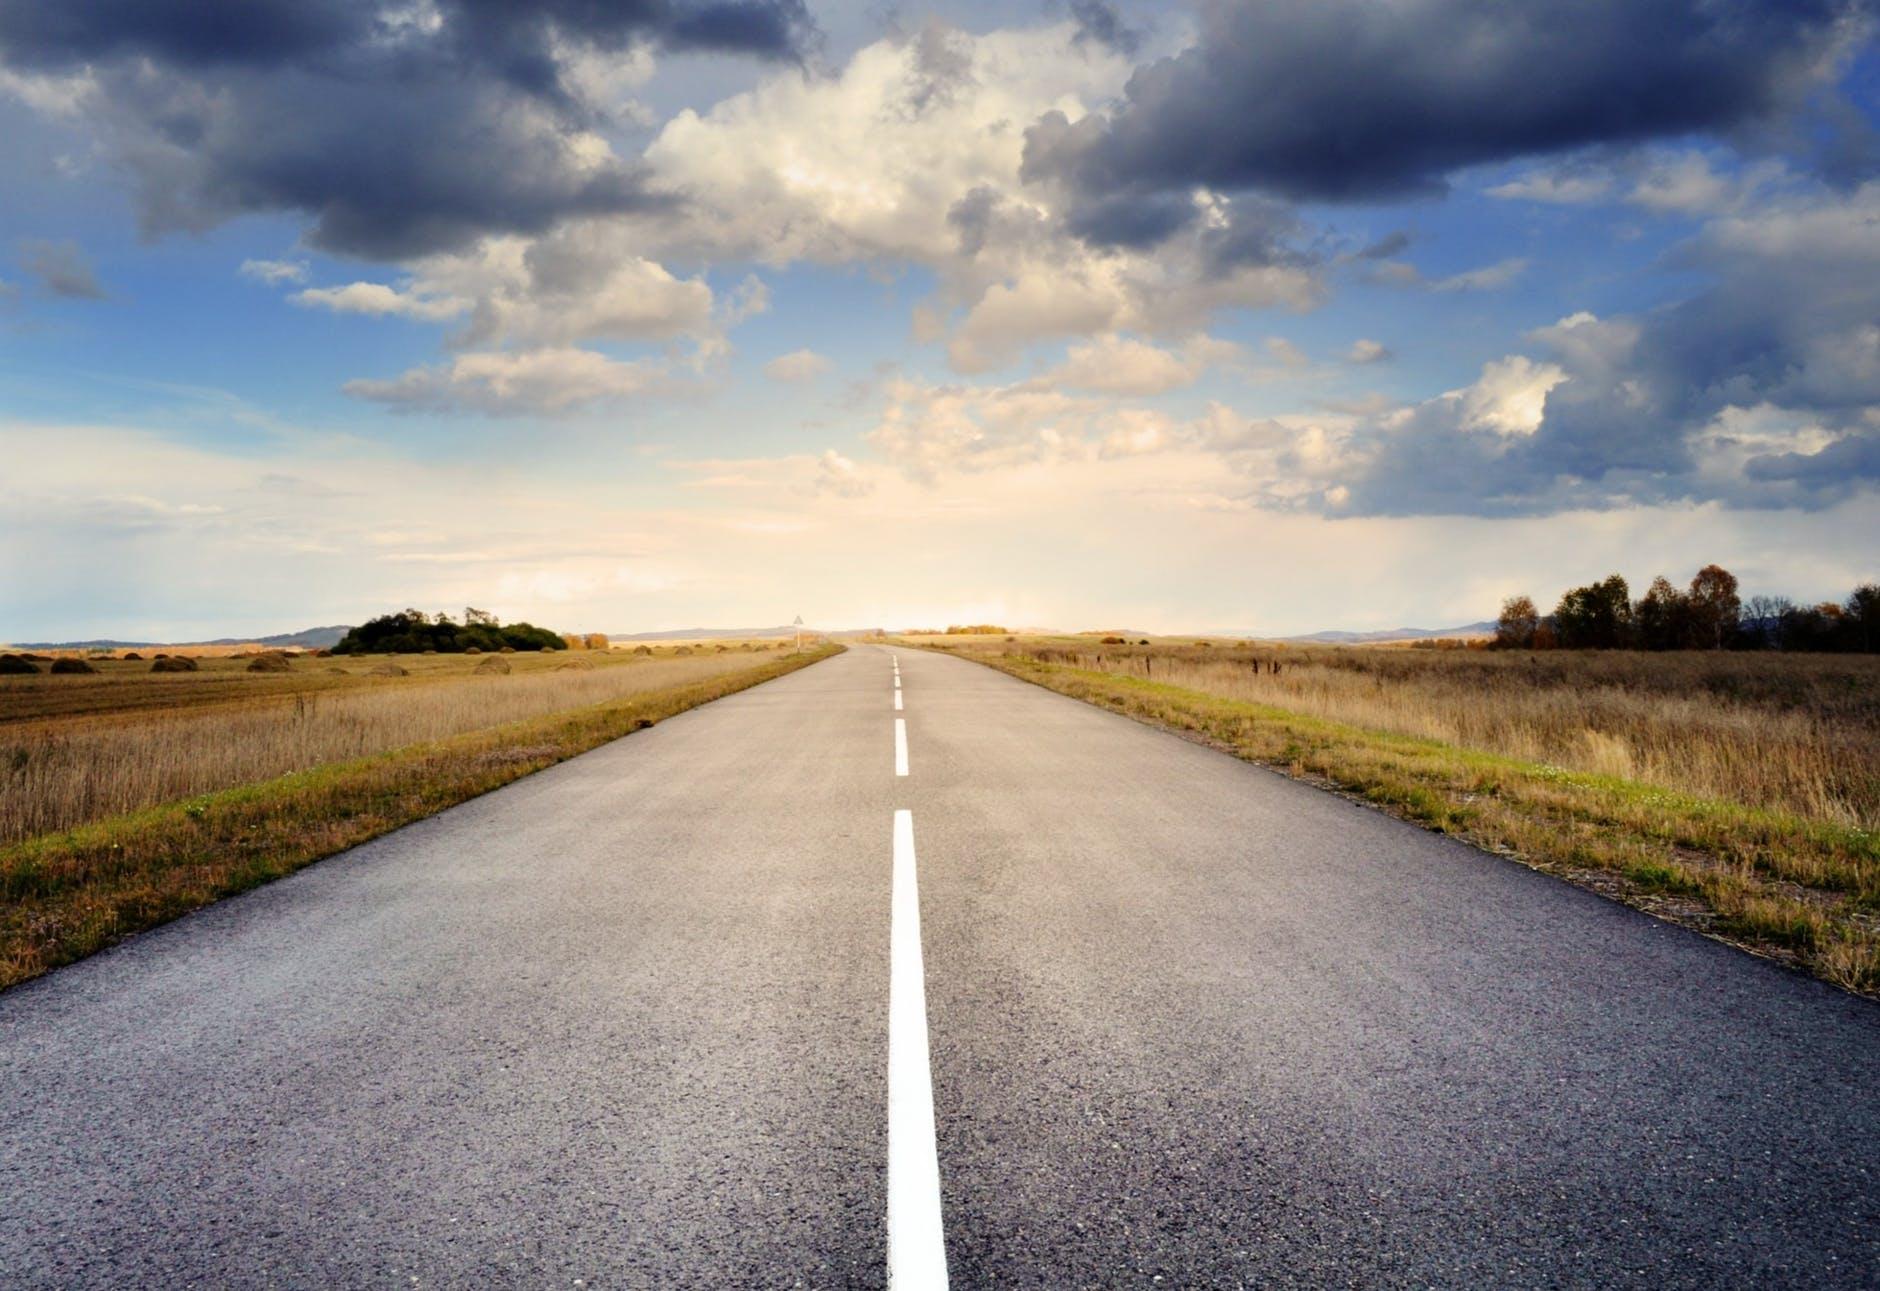 road landscape nature sky